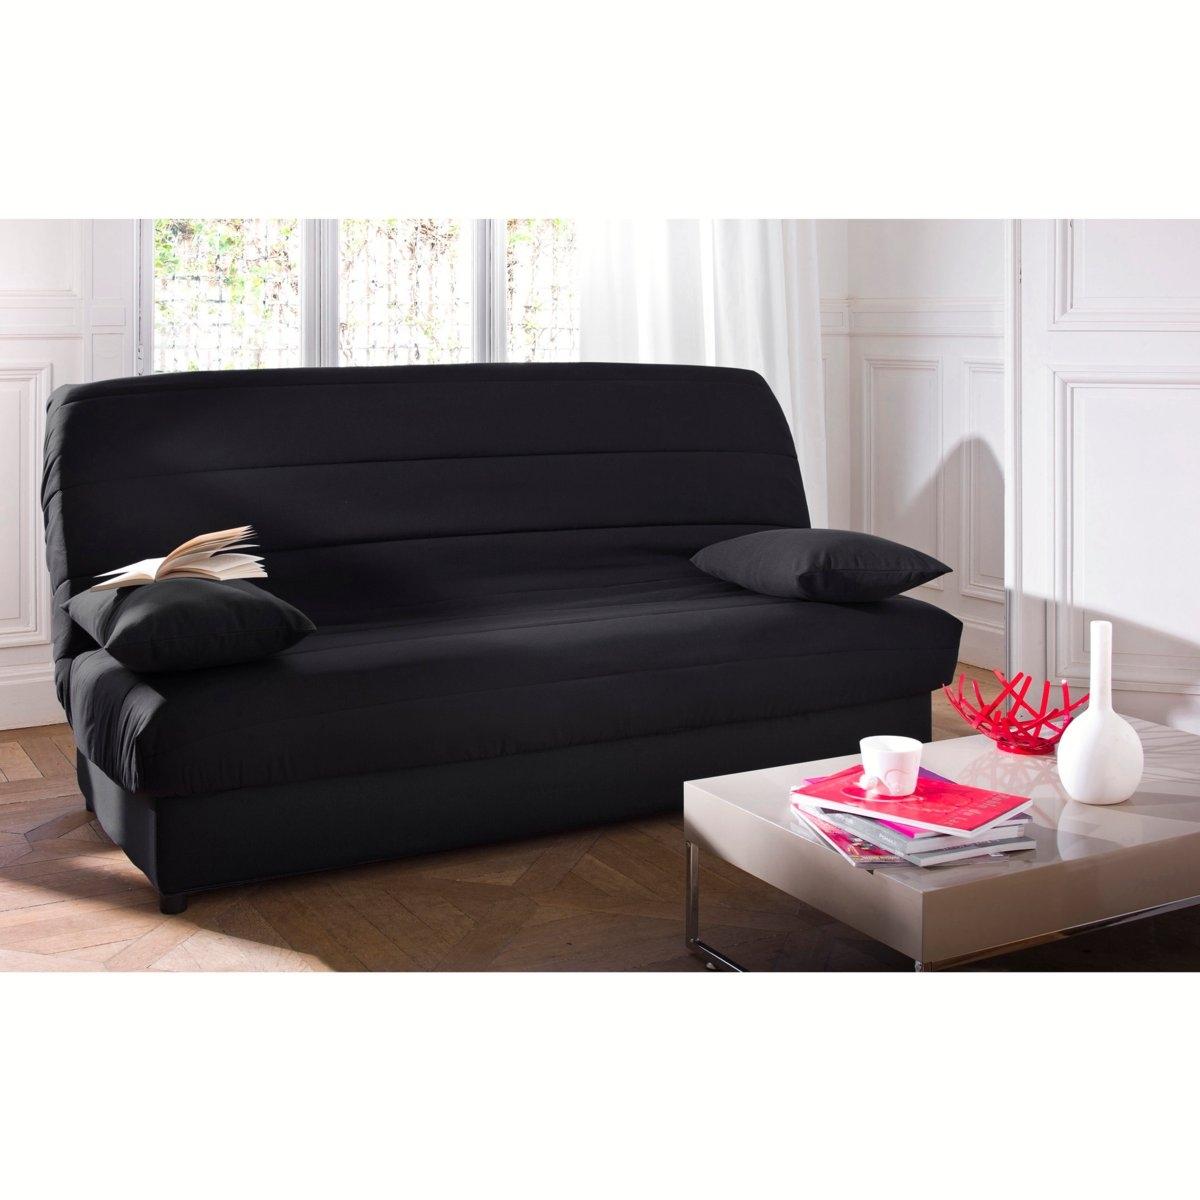 Чехол La Redoute Из поликоттона для основания раскладного дивана-книжки ASARET единый размер черный